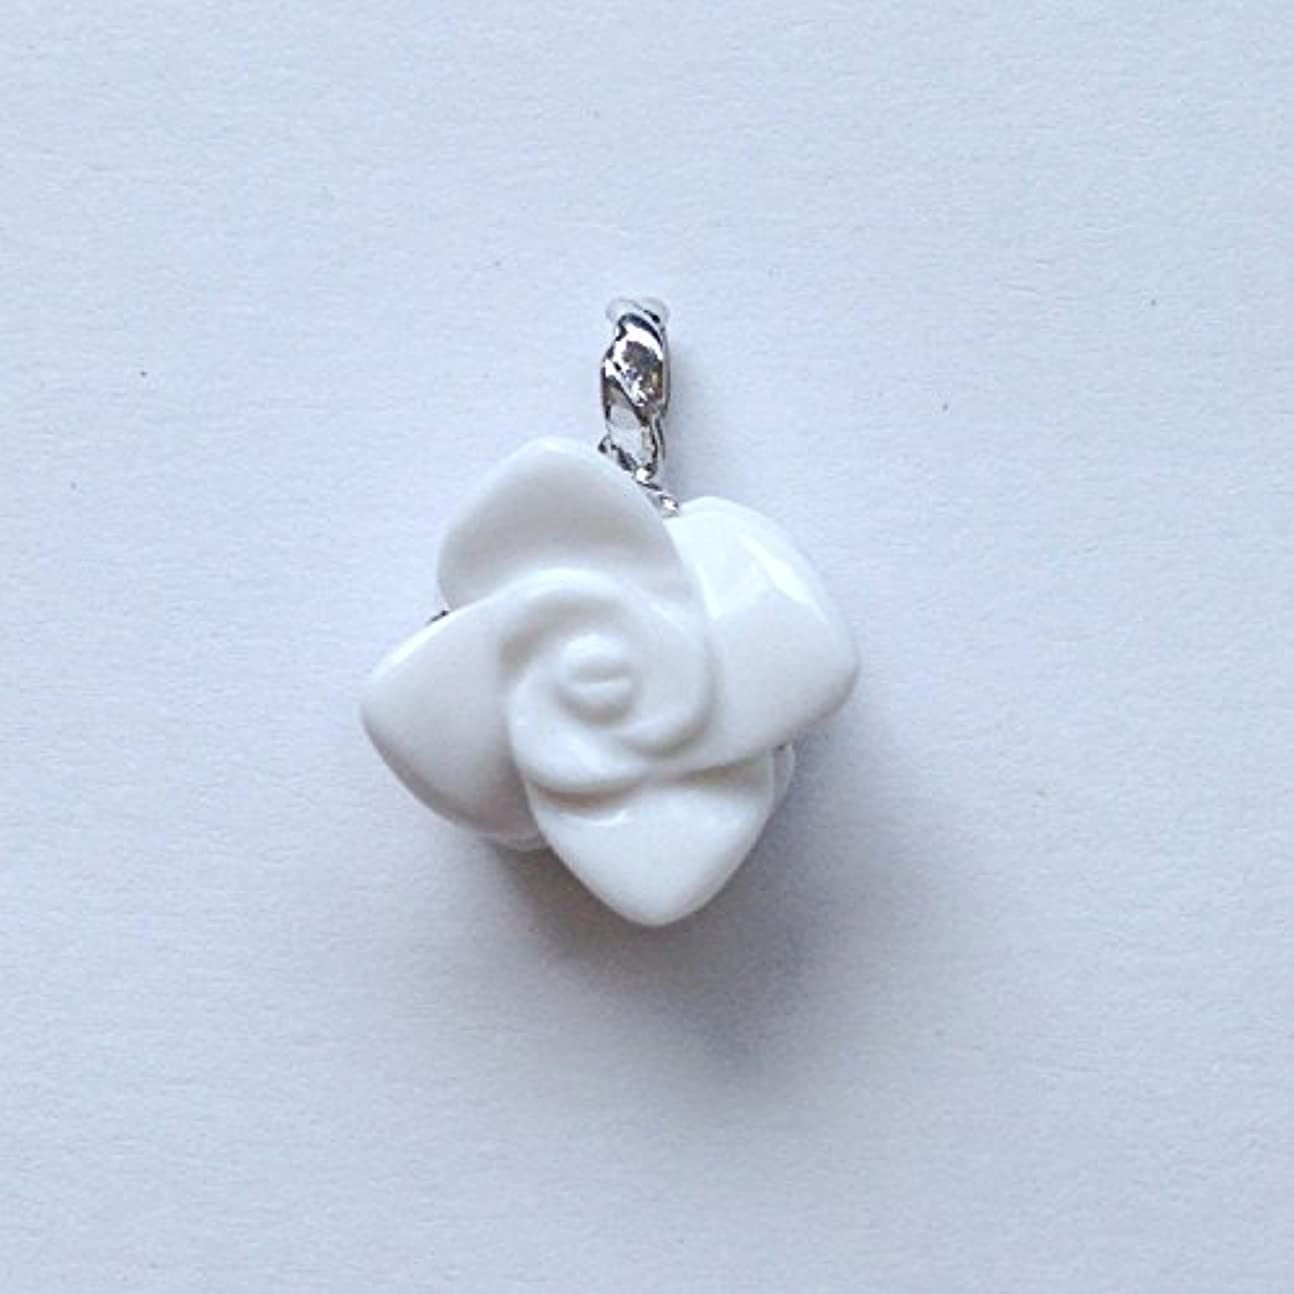 バッジお金ゴム香る宝石SVホワイトメノウペンダント通常¥26,800の所 (Ag925)